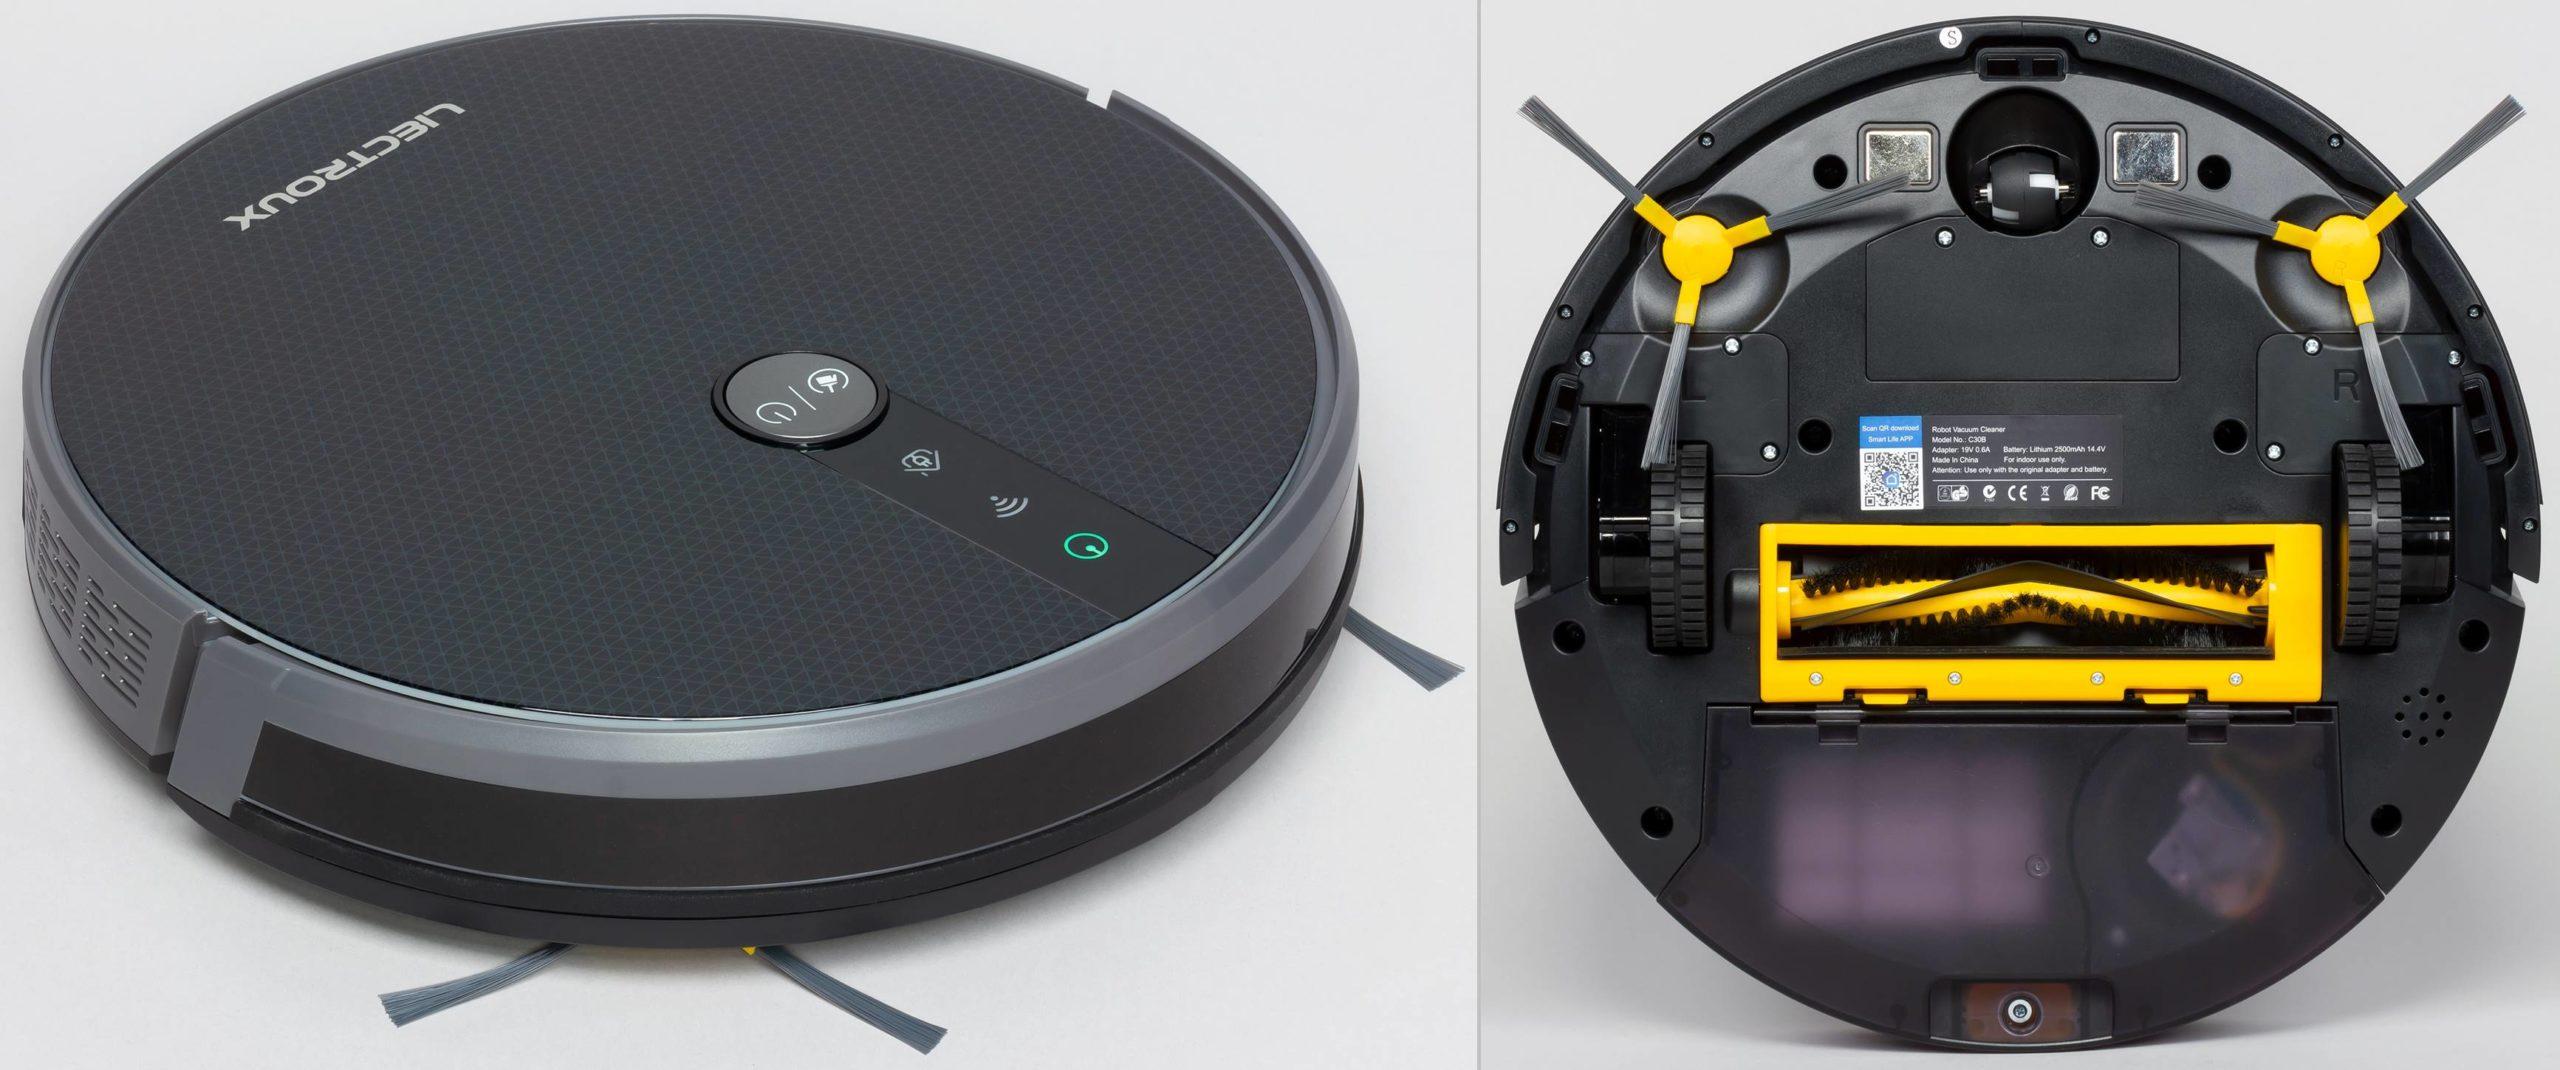 робот пылесос c30b